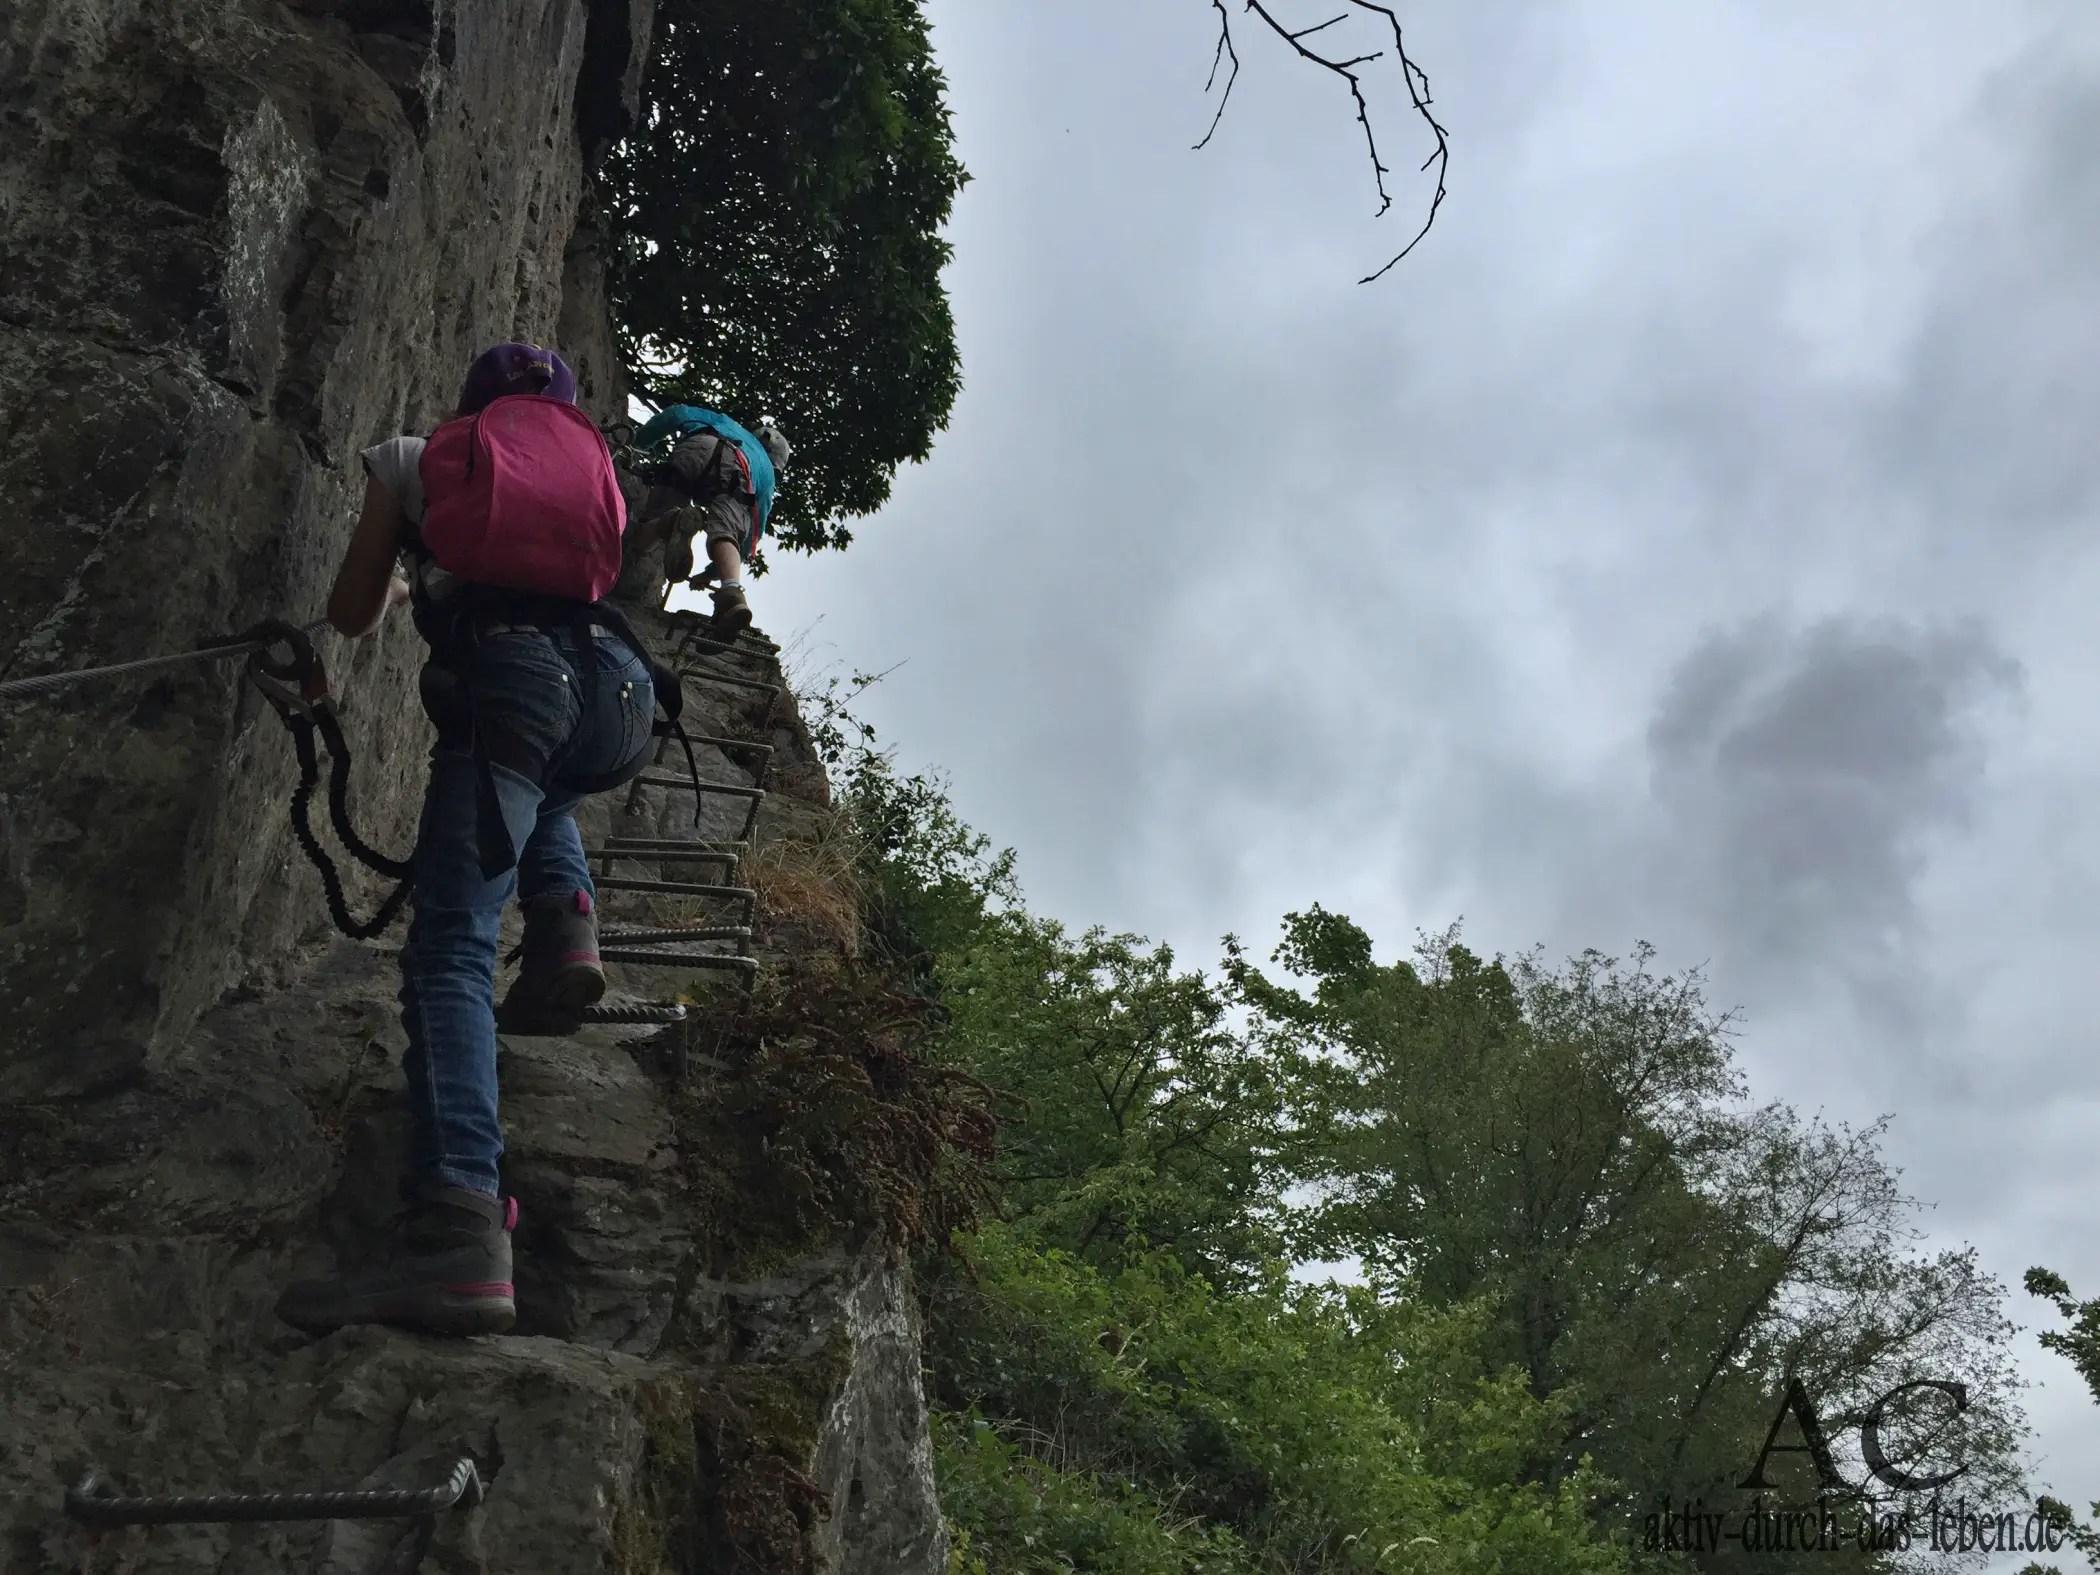 Klettersteig Set Campz : Klettersteig mittelrhein mit kindern und höhenangst aktiv